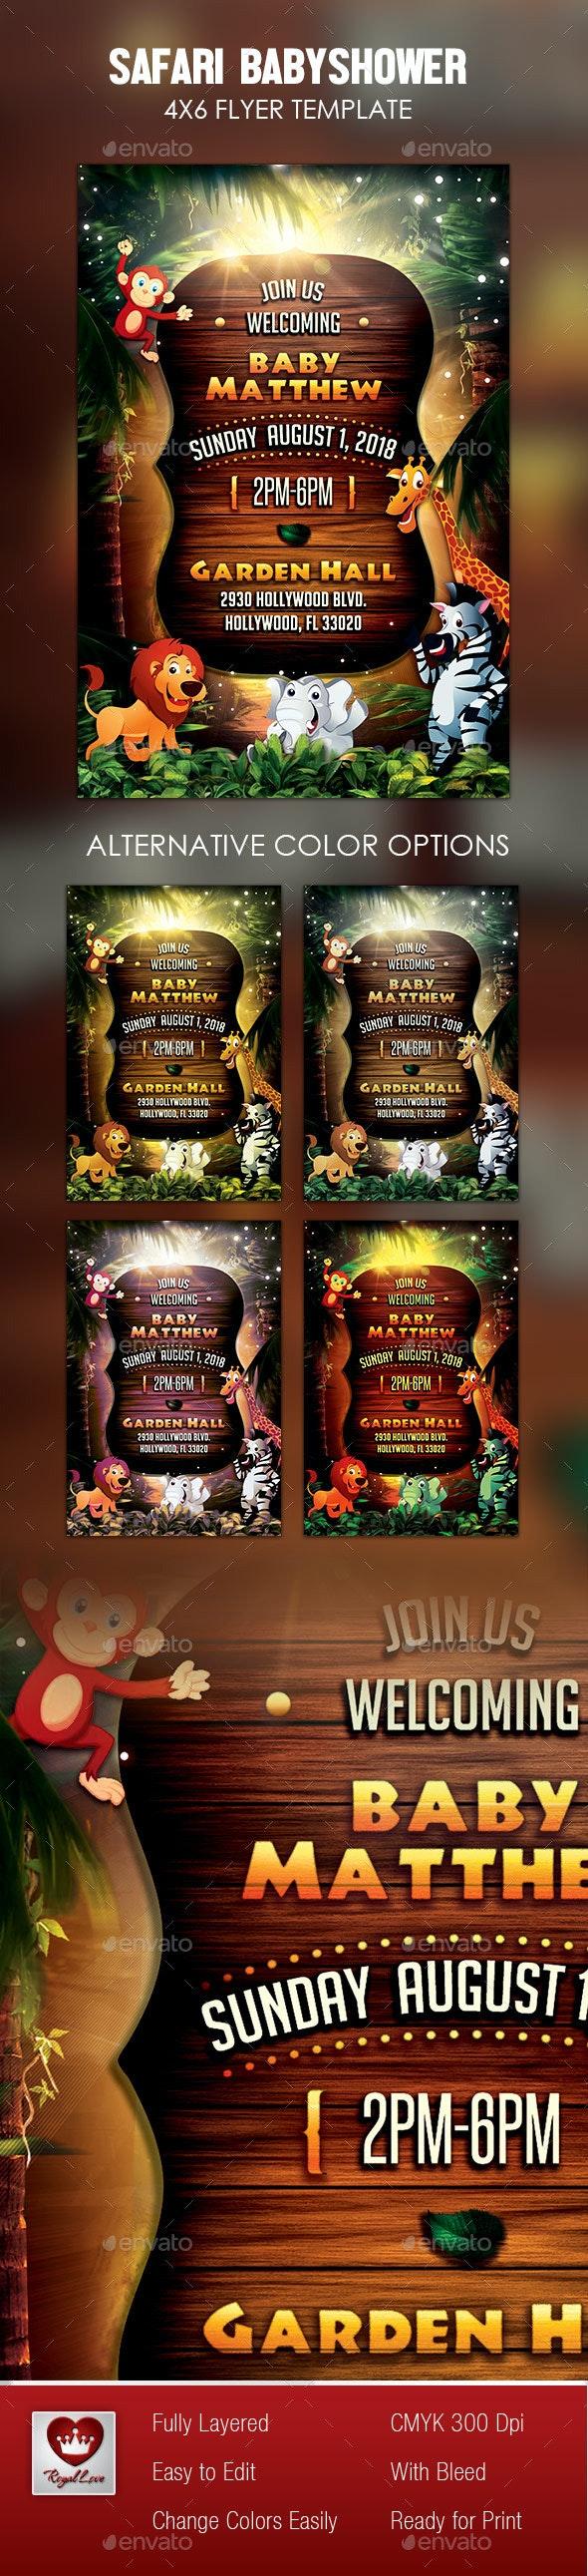 Safari Baby Shower Invitation - Invitations Cards & Invites